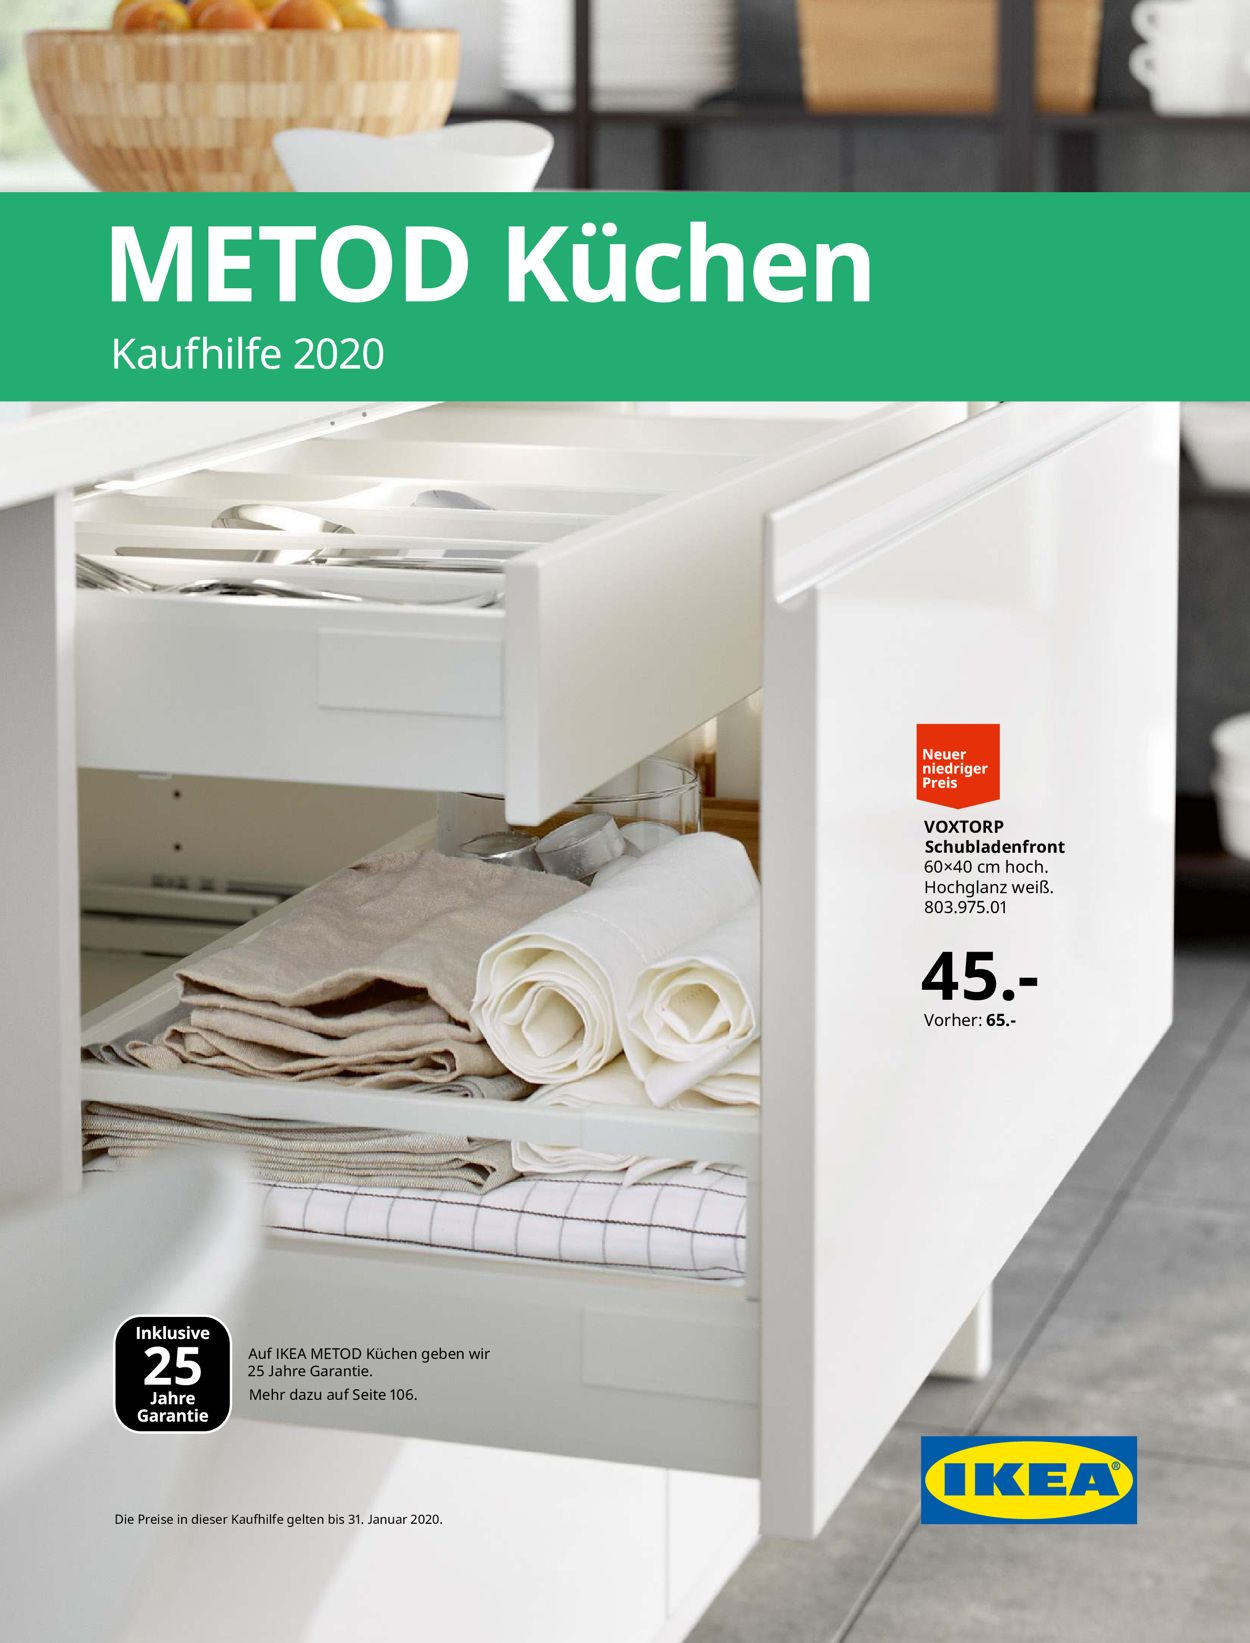 Full Size of Ikea Küchen Preise Aktueller Prospekt 0508 31012020 Jedewoche Rabattede Küche Kosten Betten 160x200 Regal Velux Fenster Modulküche Veka Holz Alu Miniküche Wohnzimmer Ikea Küchen Preise